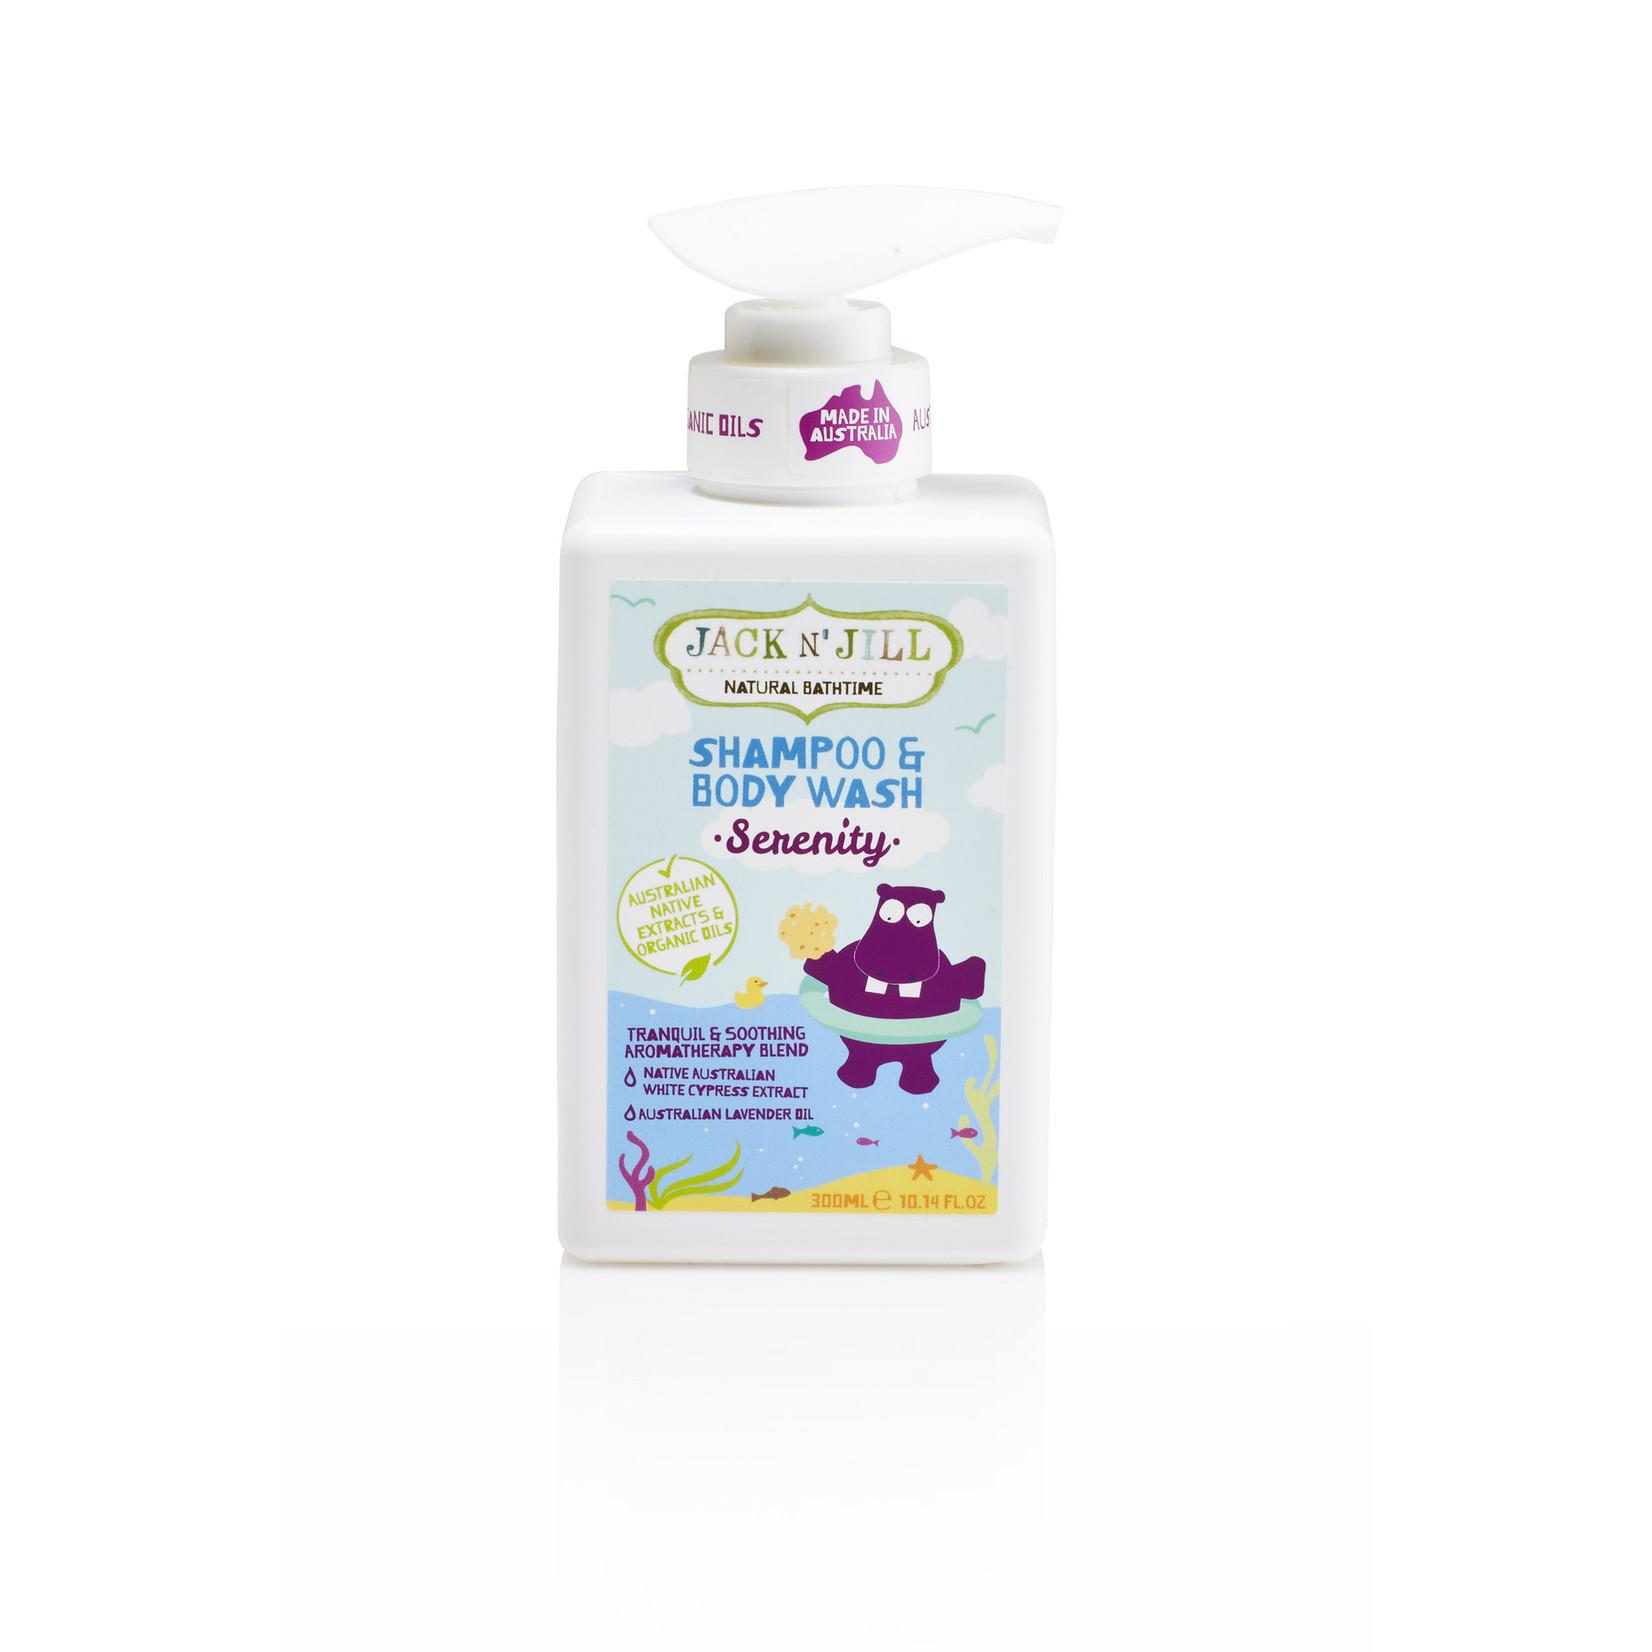 Jack N' Jill Shampoo & Body wash Serenity (300ml)